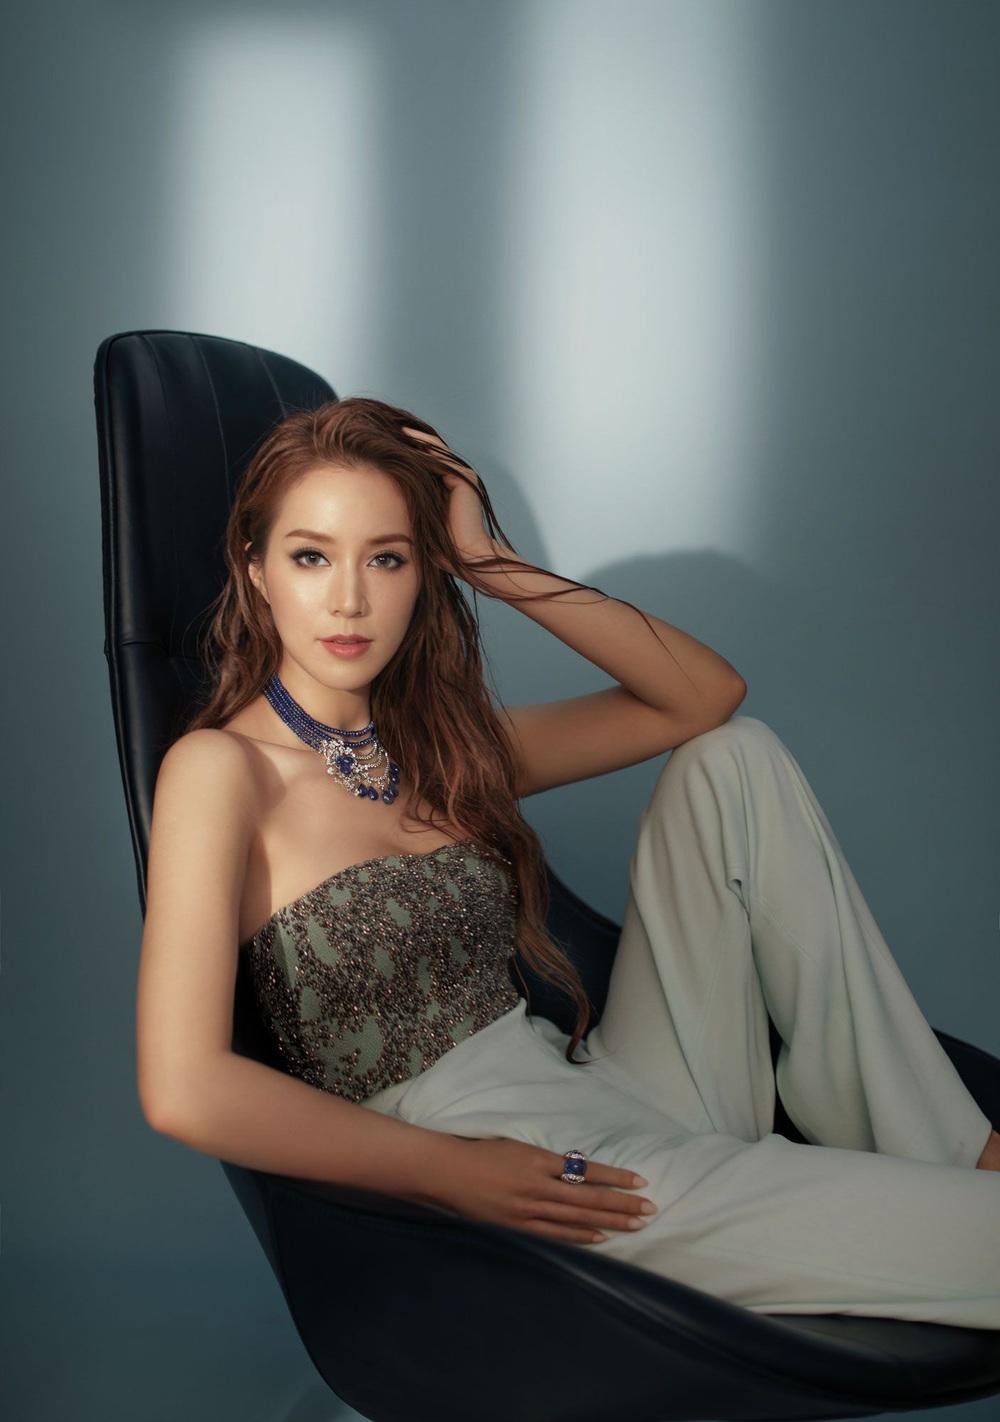 Nữ diễn viên làm dâu nhà giàu số 1 Hong Kong: Bố chồng tuyên bố thưởng nóng 3000 tỷ nếu mang bầu lần 5 - Ảnh 1.